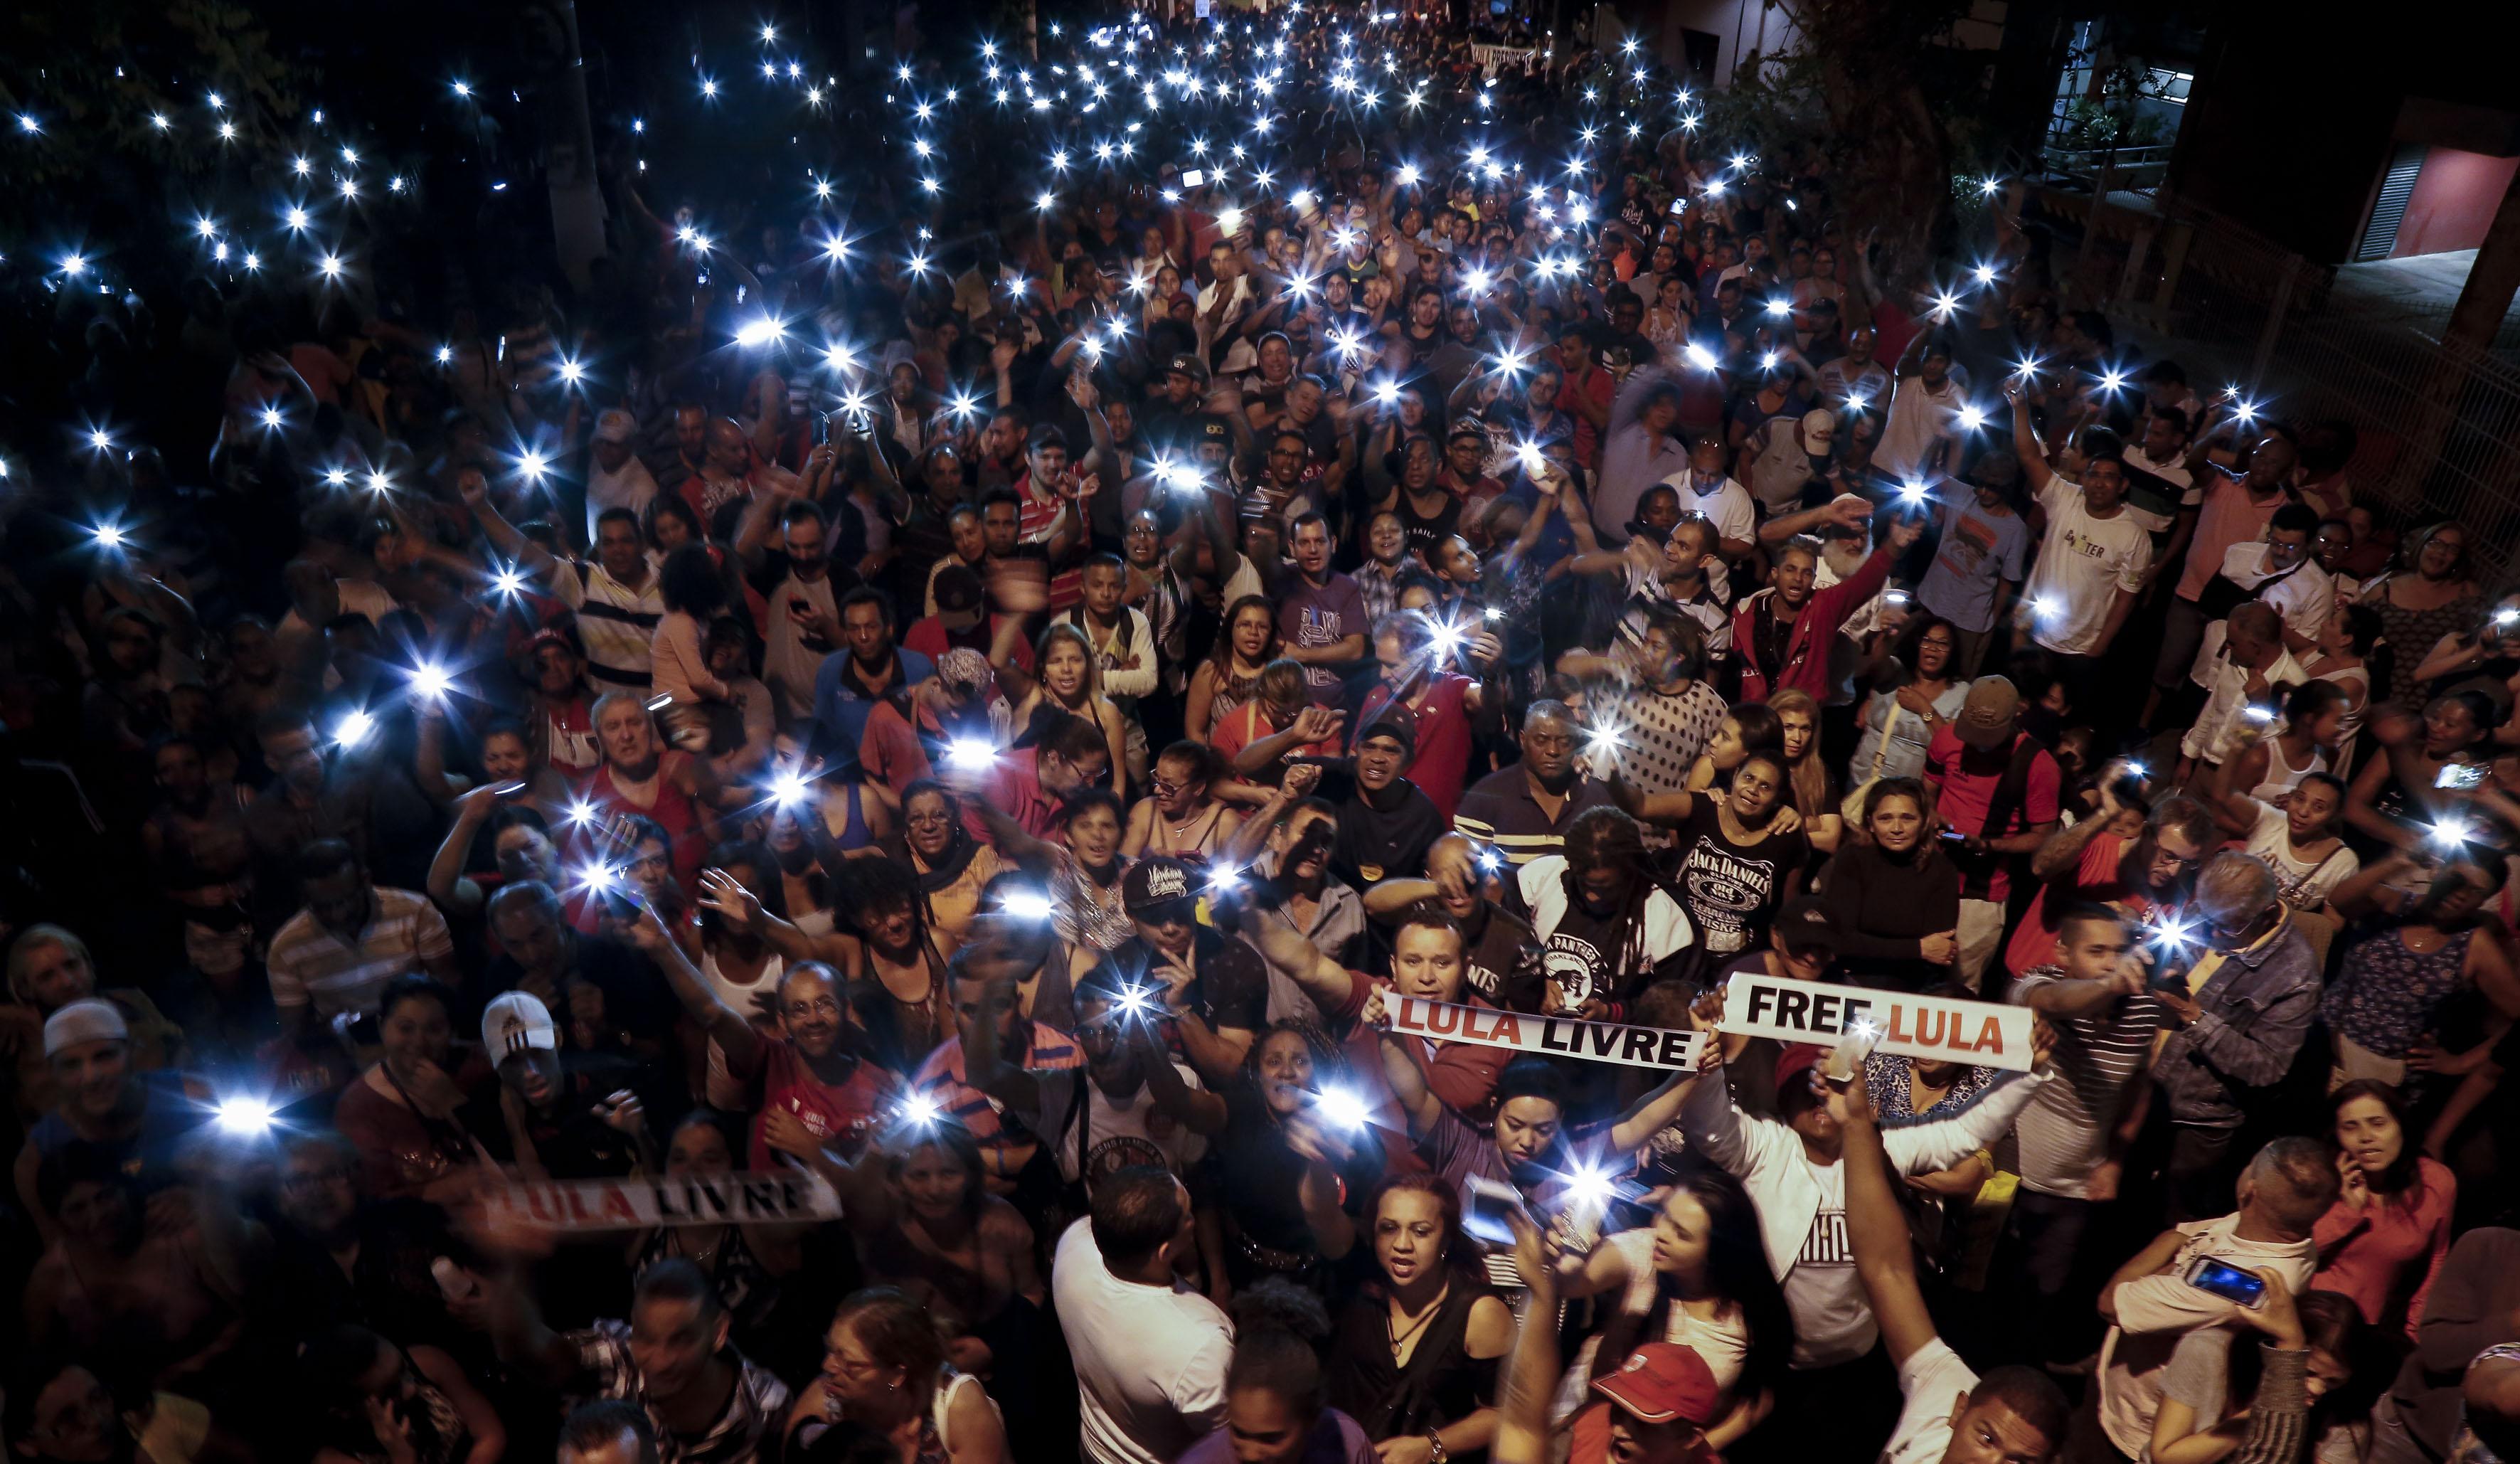 المظاهرات ليلا